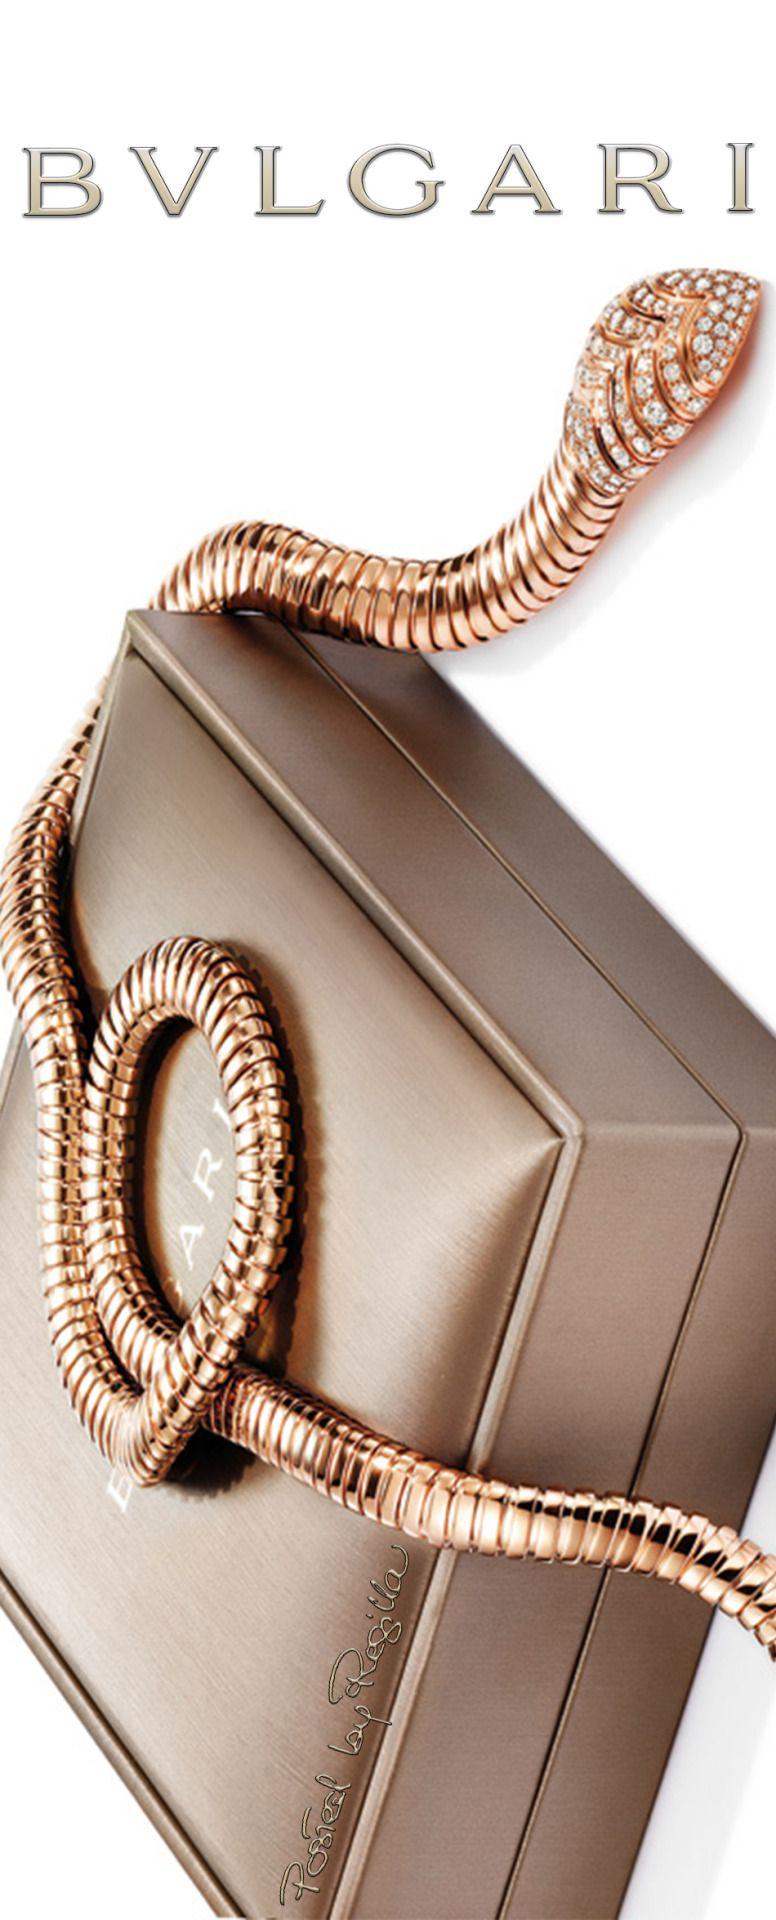 Regilla ⚜ Bulgari Bijoux, Mode, Bijoux En Perle, Bijoux Italien, Chaussures  De cc454849d5a